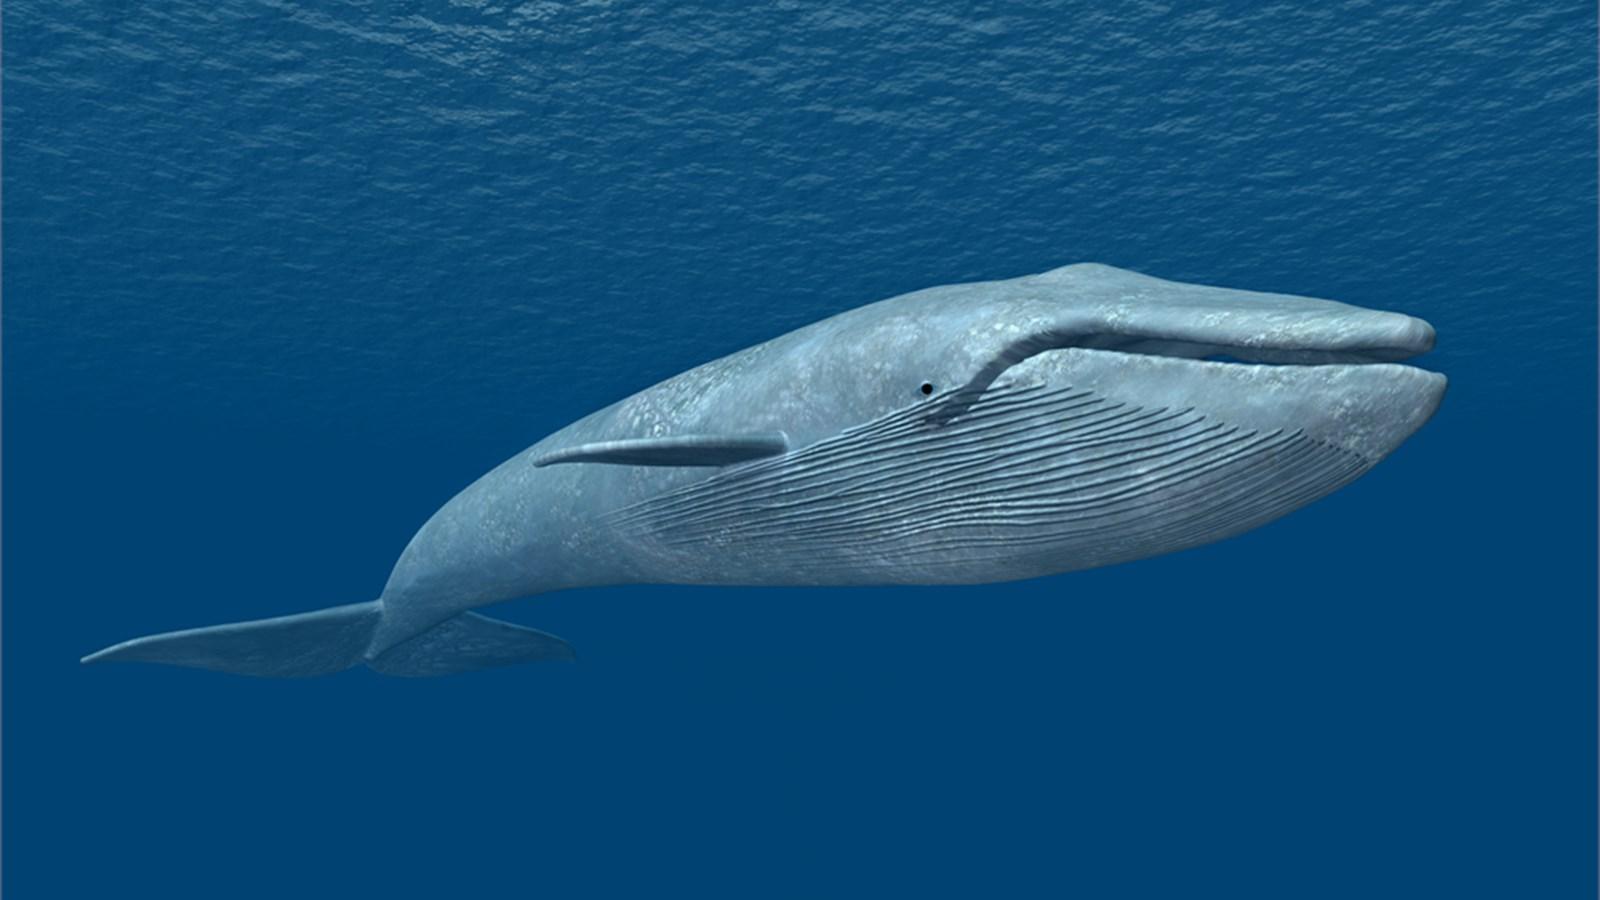 Dù lẻ bóng nhưng vẫn luôn lạc quan sống giống như chú cá voi cô độc nhất hành tinh này - Ảnh 2.